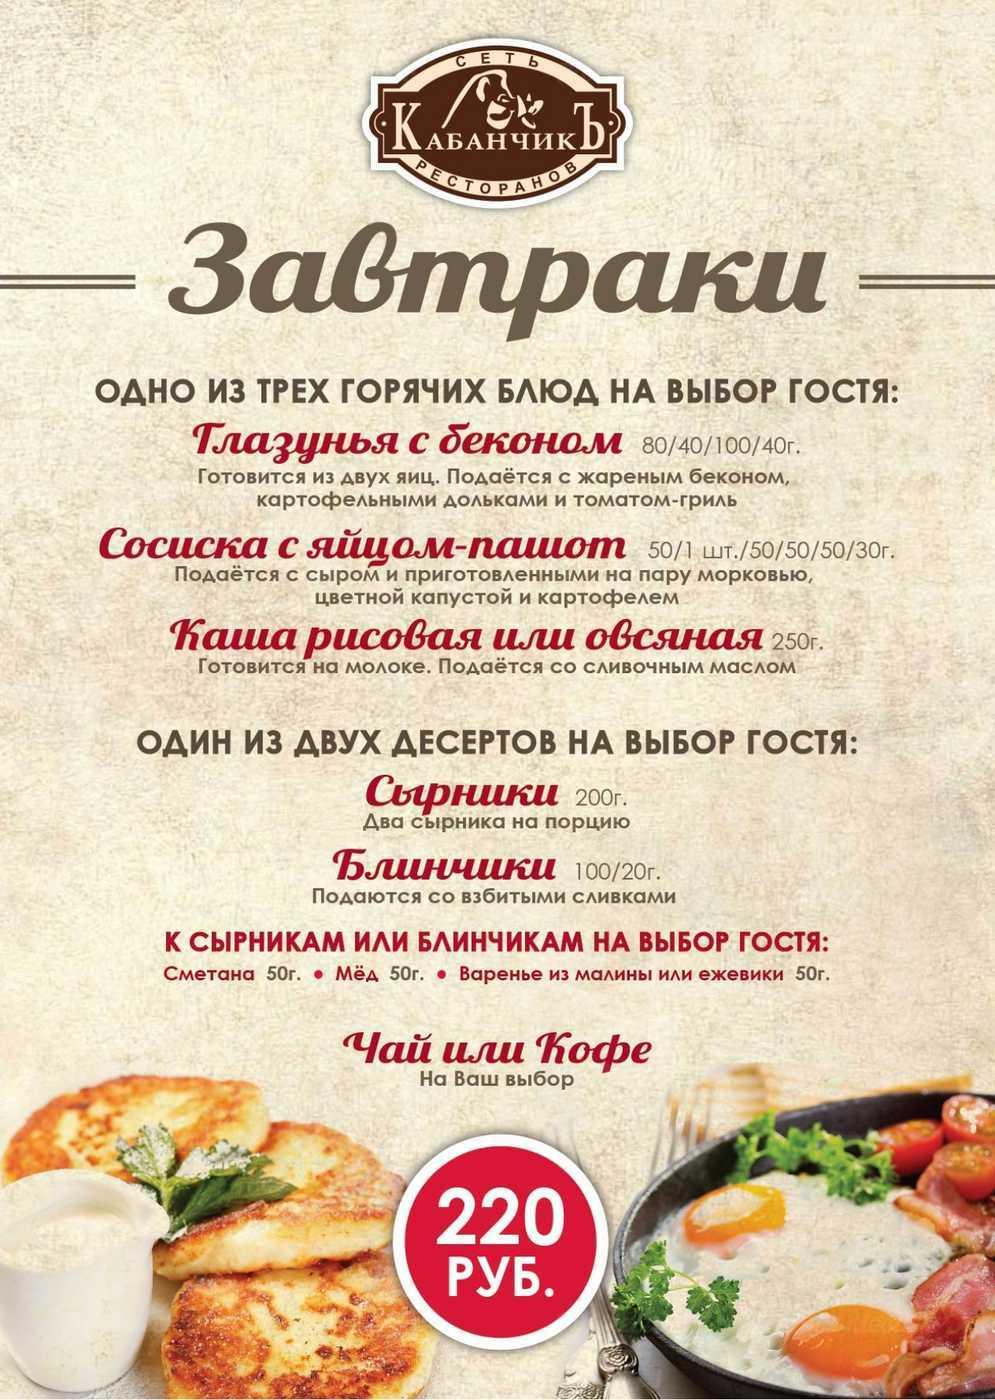 Меню пивного ресторана КабанчикЪ на улице Максима Горького